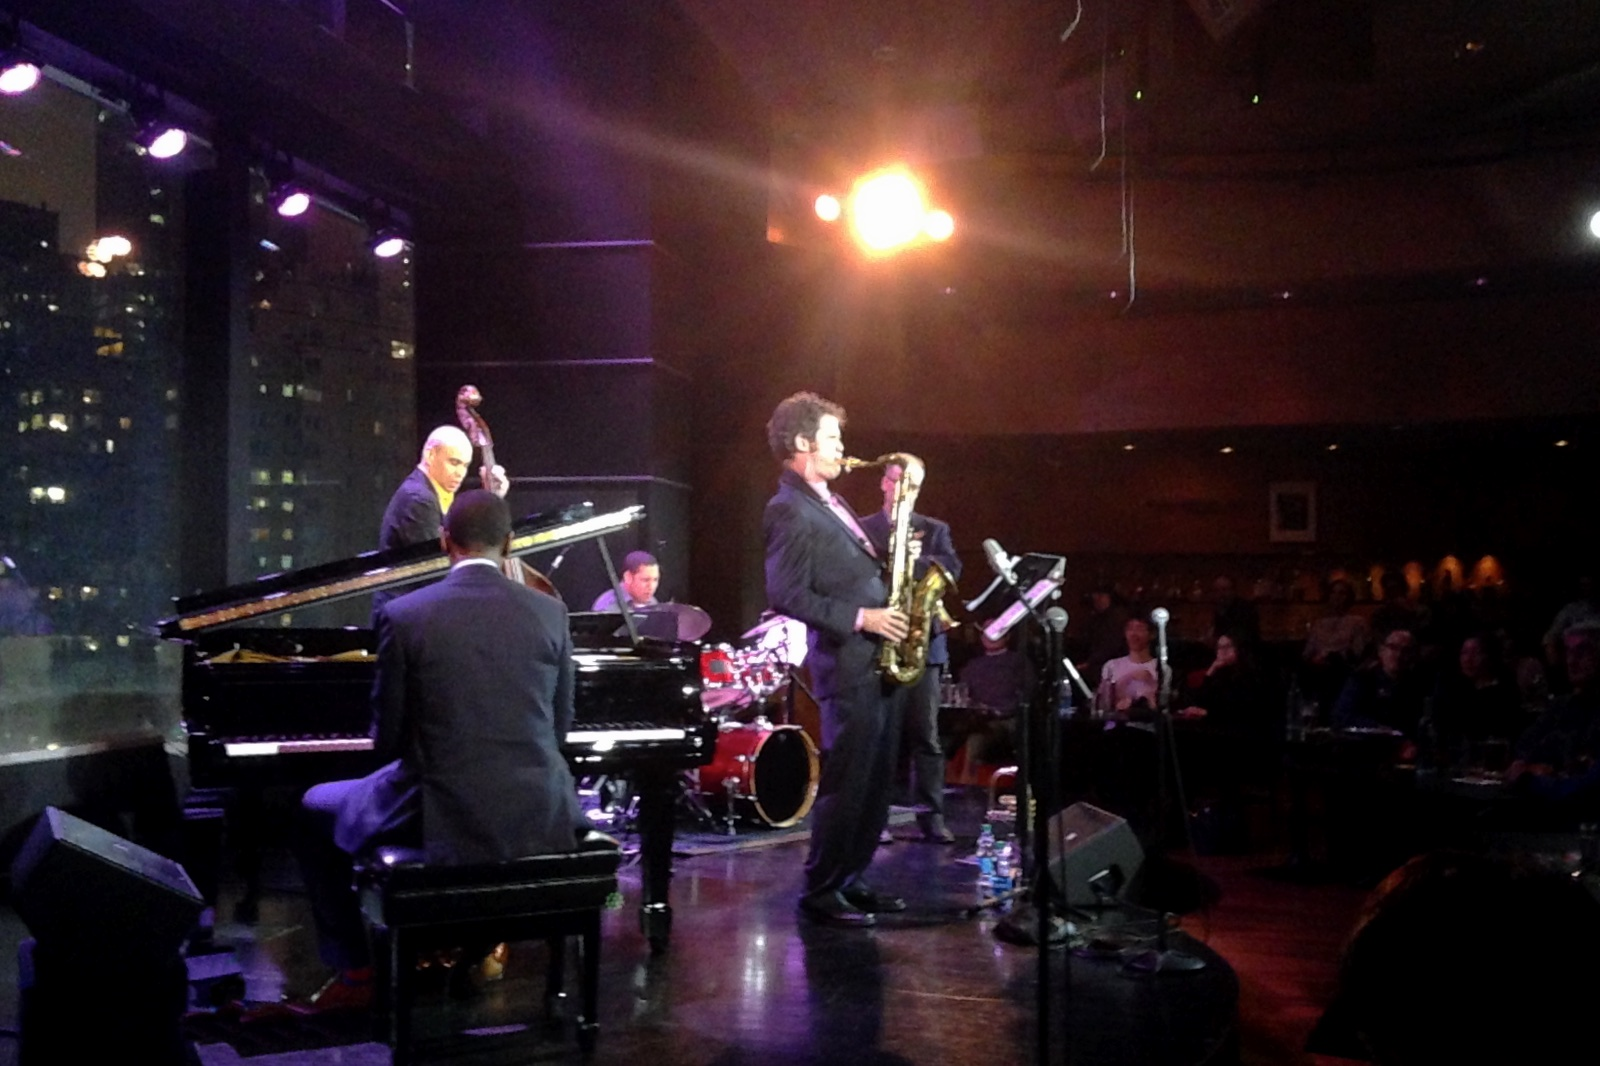 Anton Schwartz Quintet at Dizzy's (Nyc)